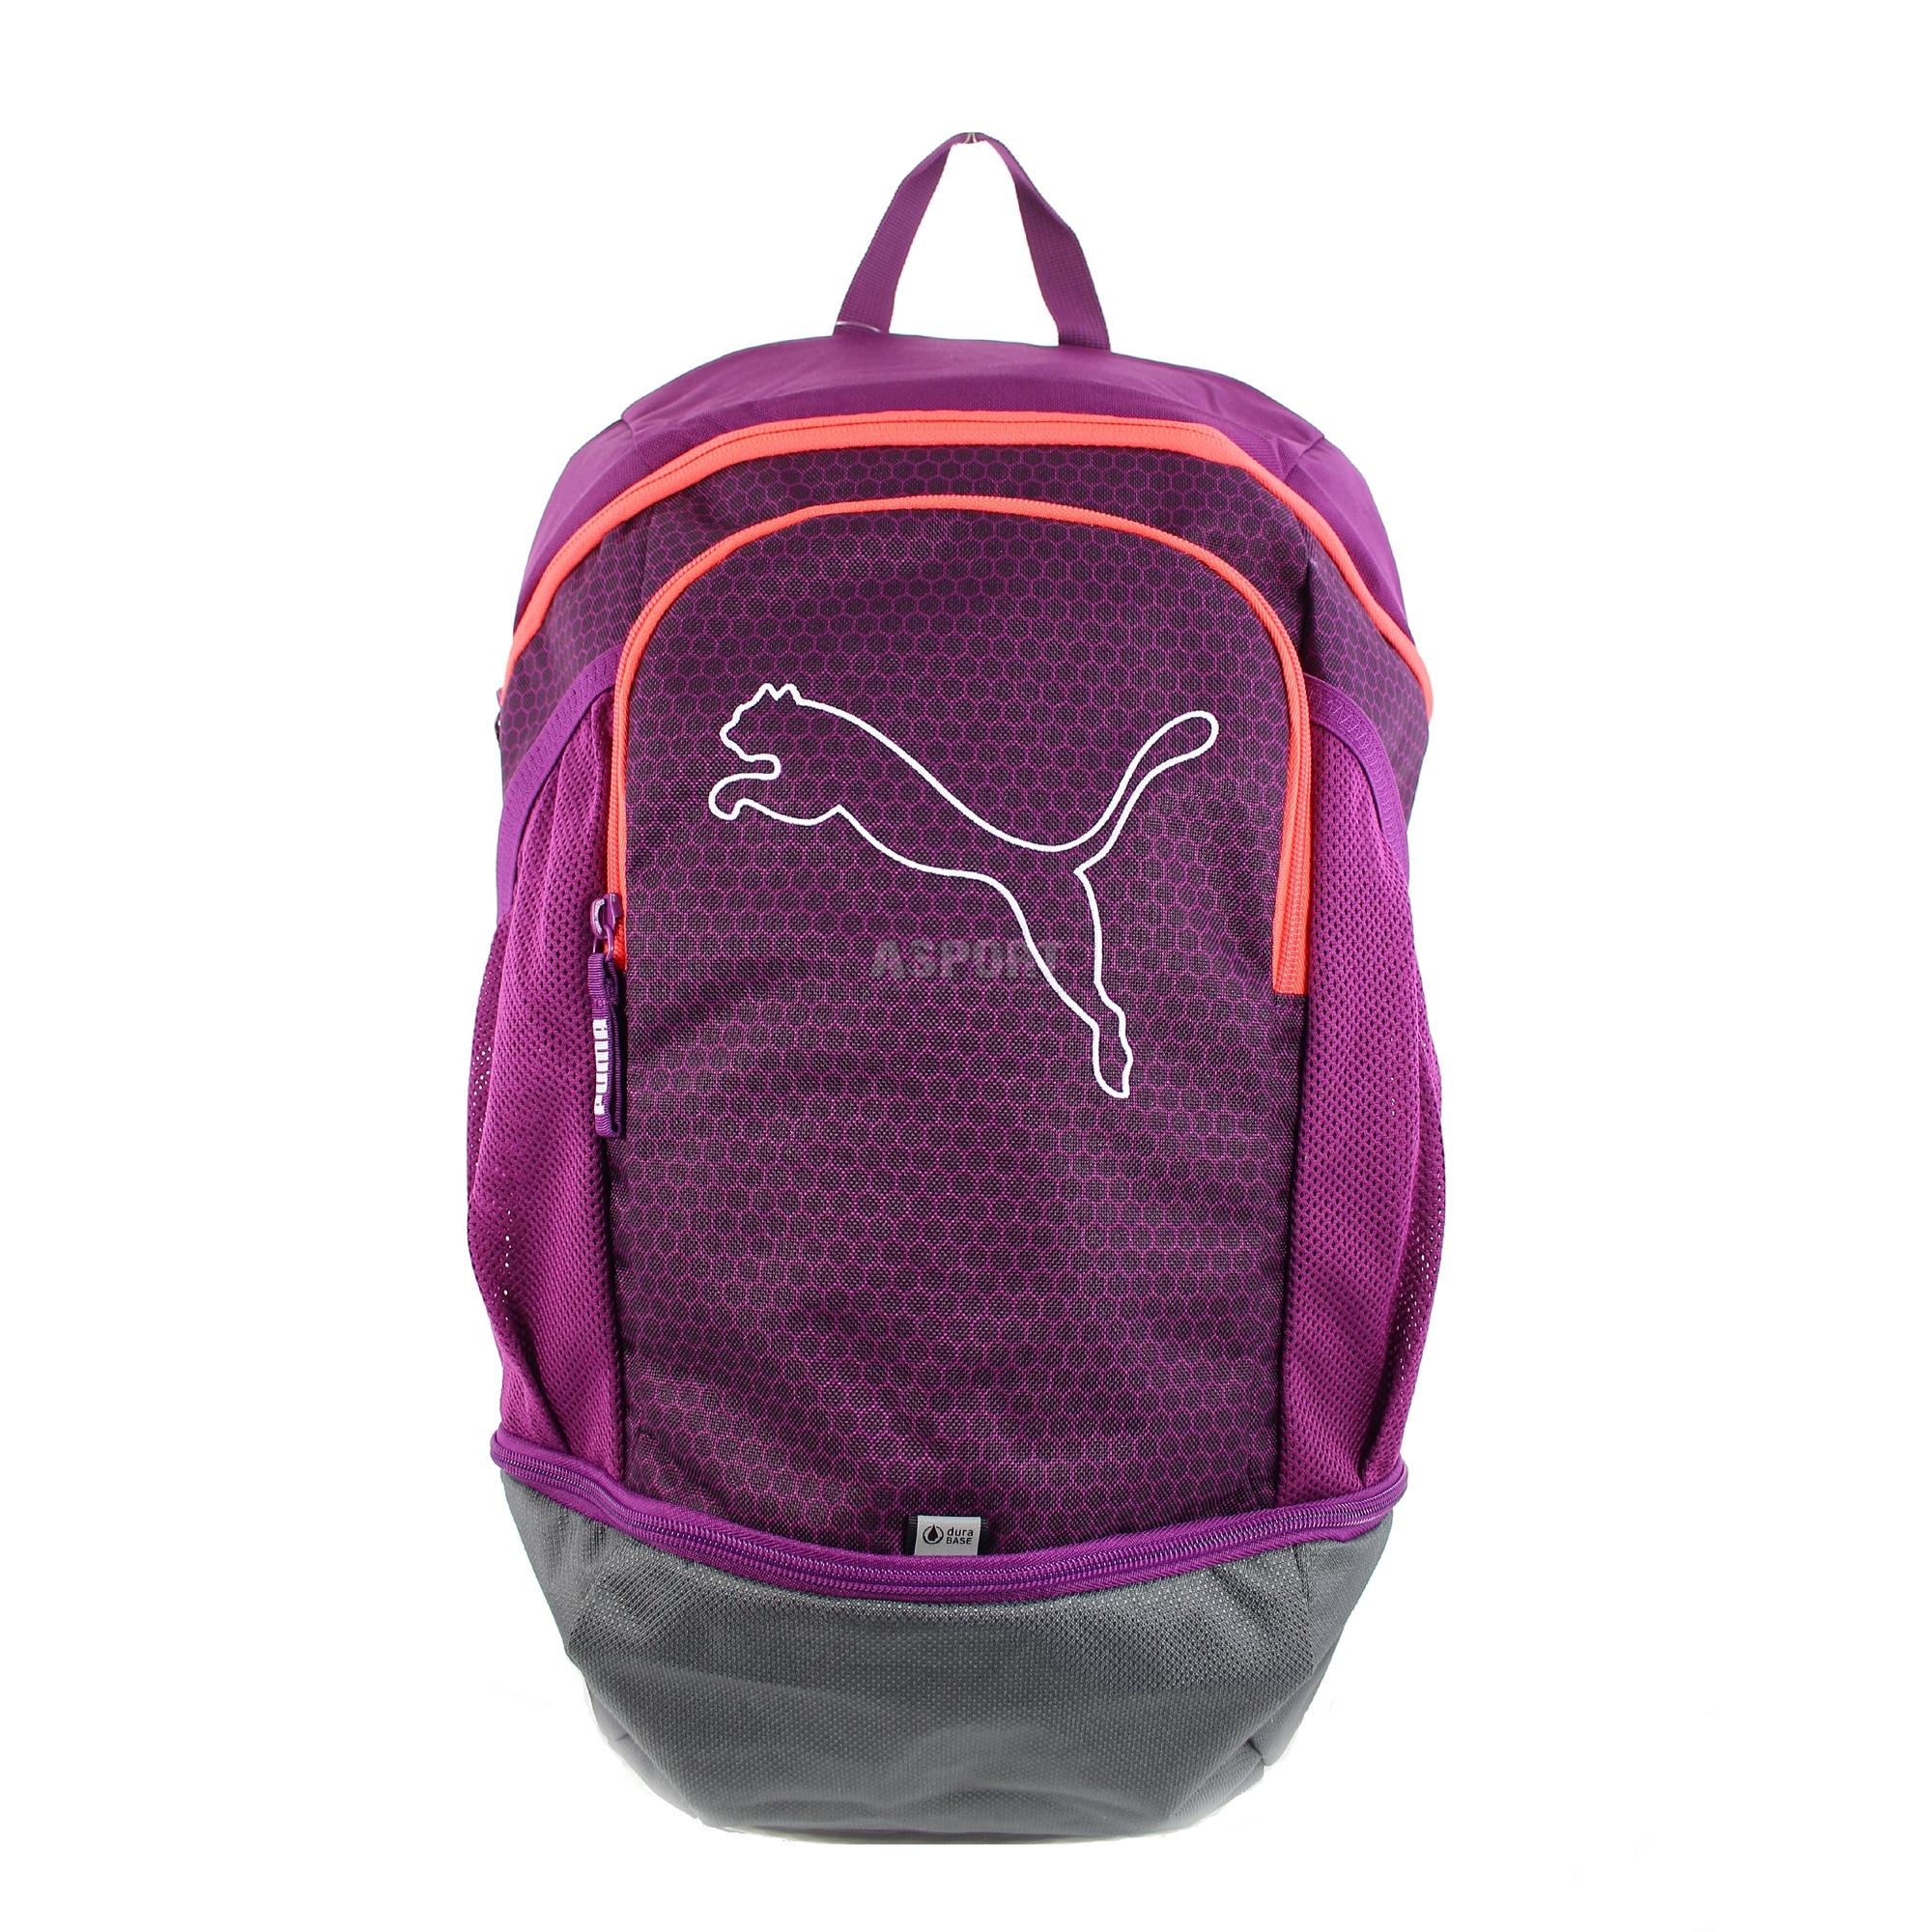 c6b75eab6a1dc Plecak miejski, szkolny, turystyczny ECHO 23l fioletowy Puma   Sklep ...